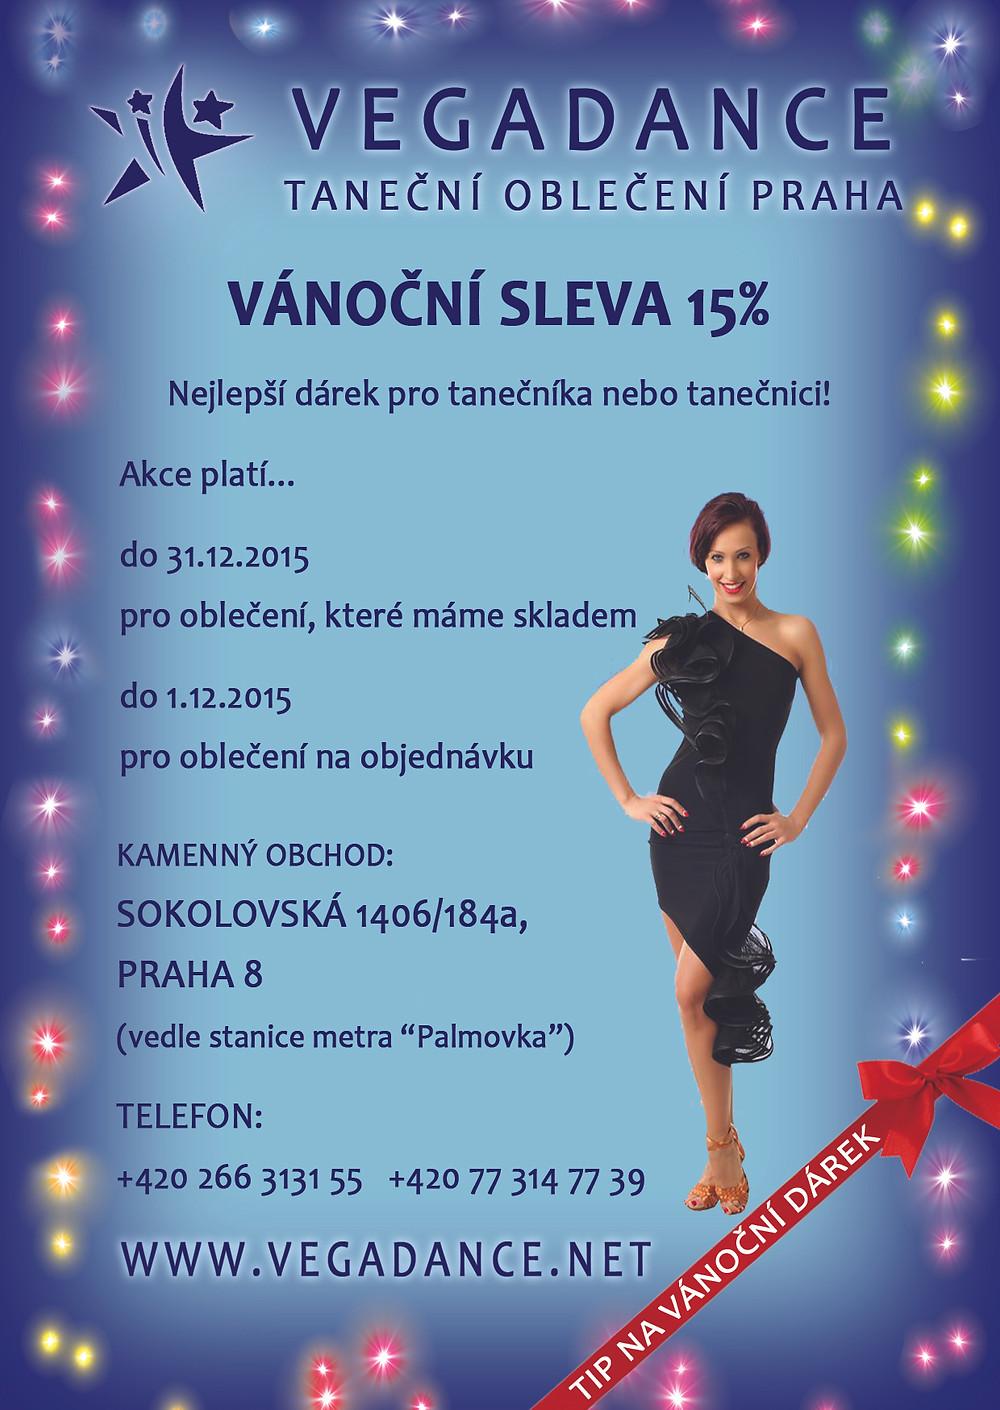 Vánoční sleva Vegadance, tip na dárek pro partnera, tip na dárek pro partnerku, taneční obchod Sokolovská, taneční oblečení Praha, taneční obuv Praha